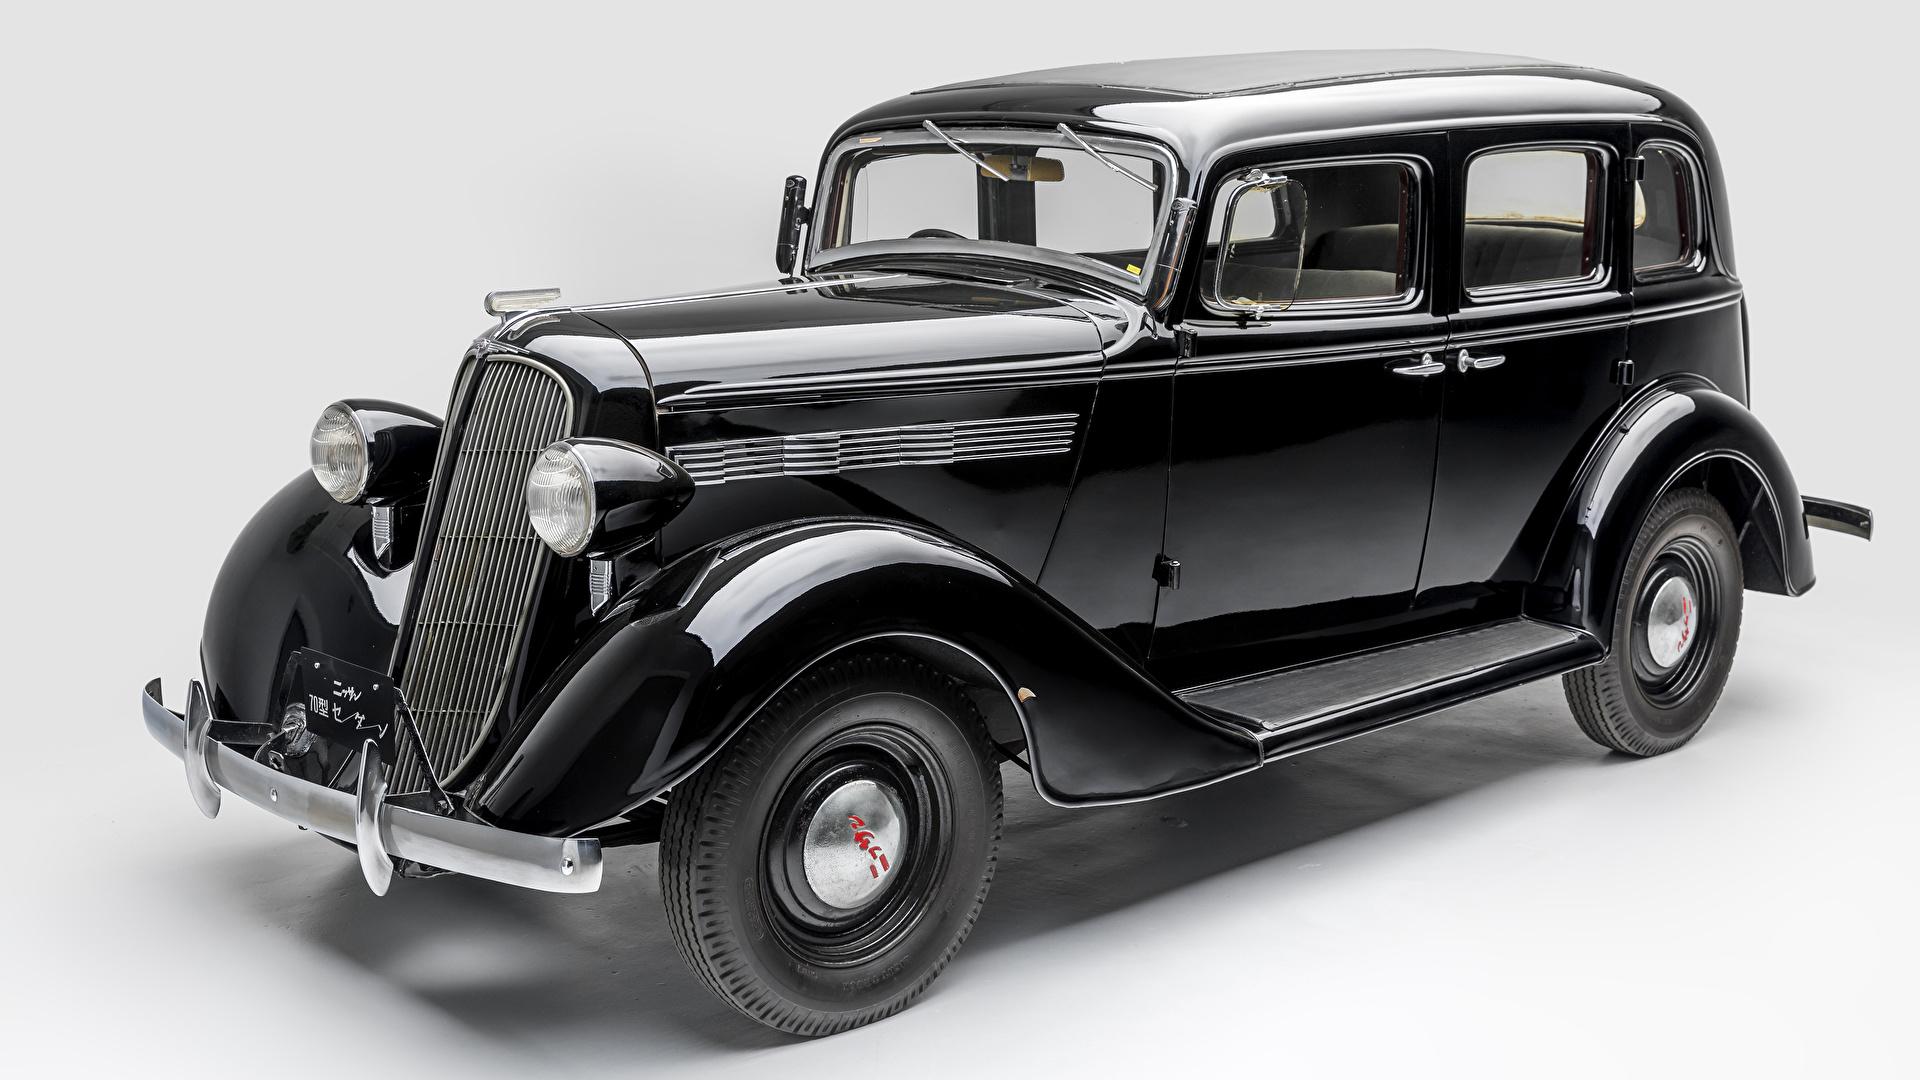 Обои для рабочего стола Ниссан 1937-39 Nissan 70 Ретро черных машина Металлик сером фоне 1920x1080 Черный черные черная винтаж старинные авто машины автомобиль Автомобили Серый фон